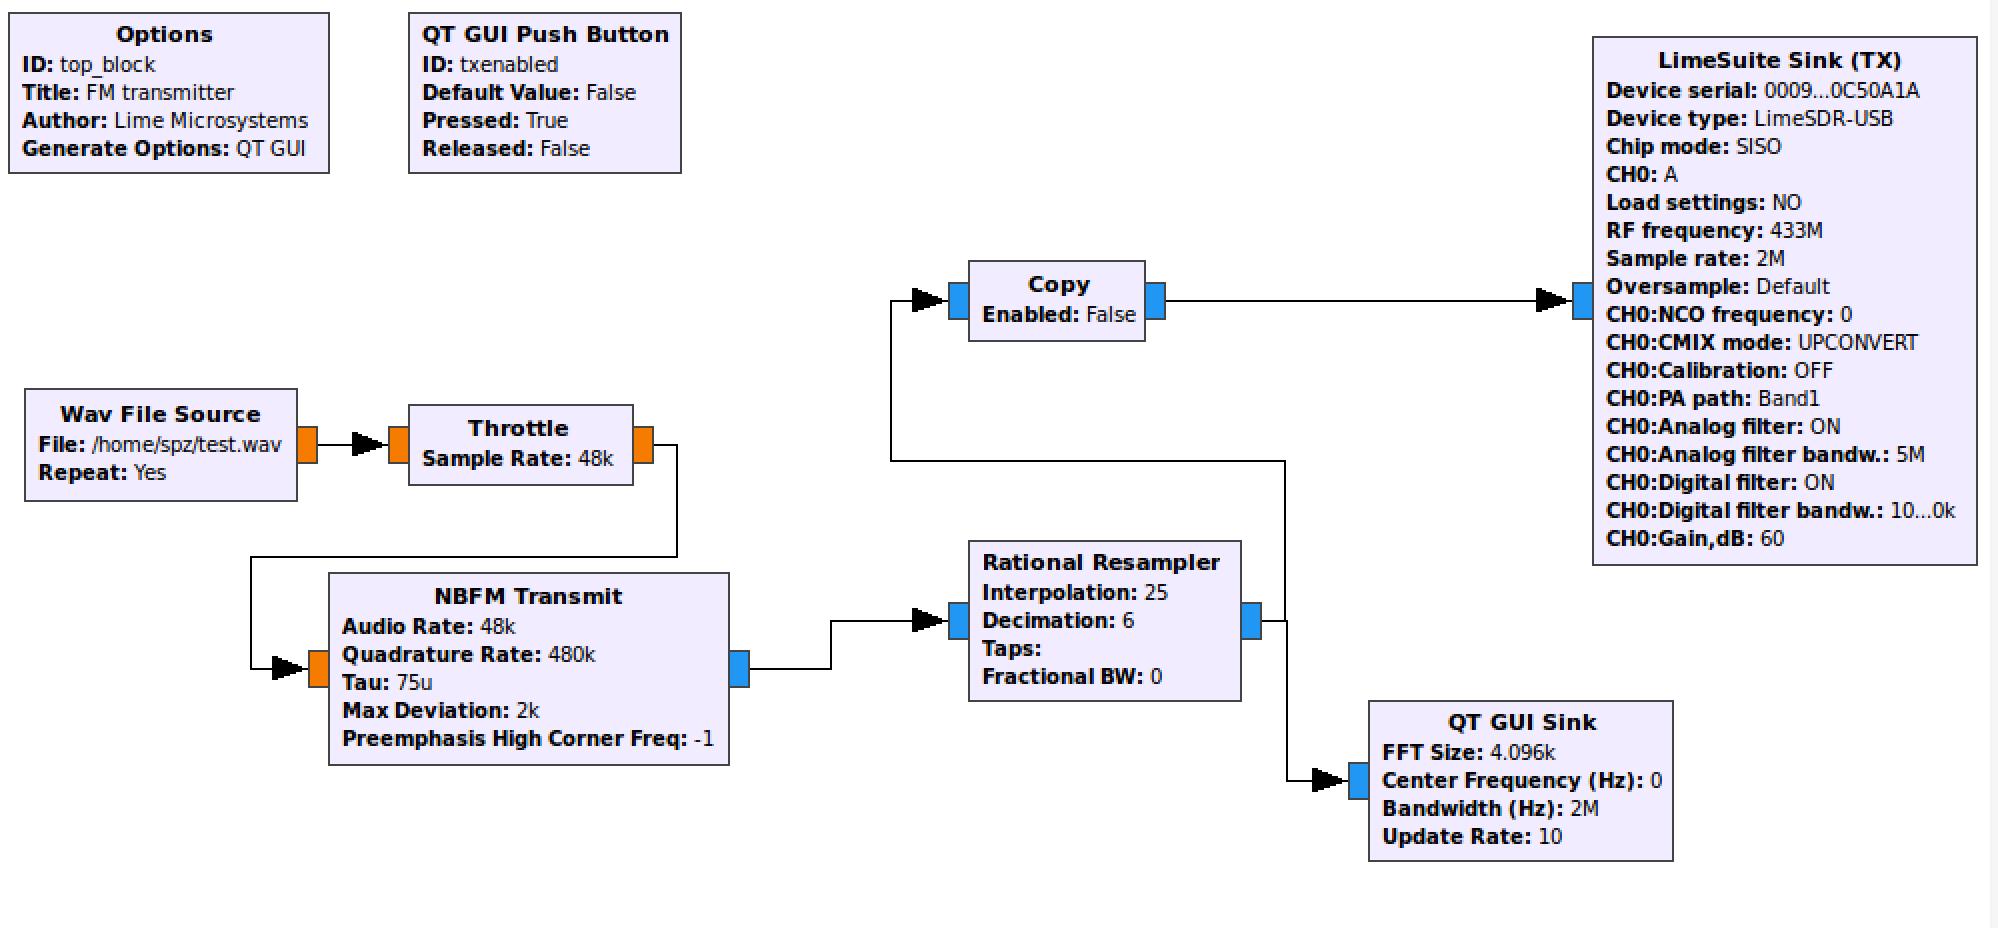 Software control of TX in gnuradio - LimeSDR - Myriad RF Discourse